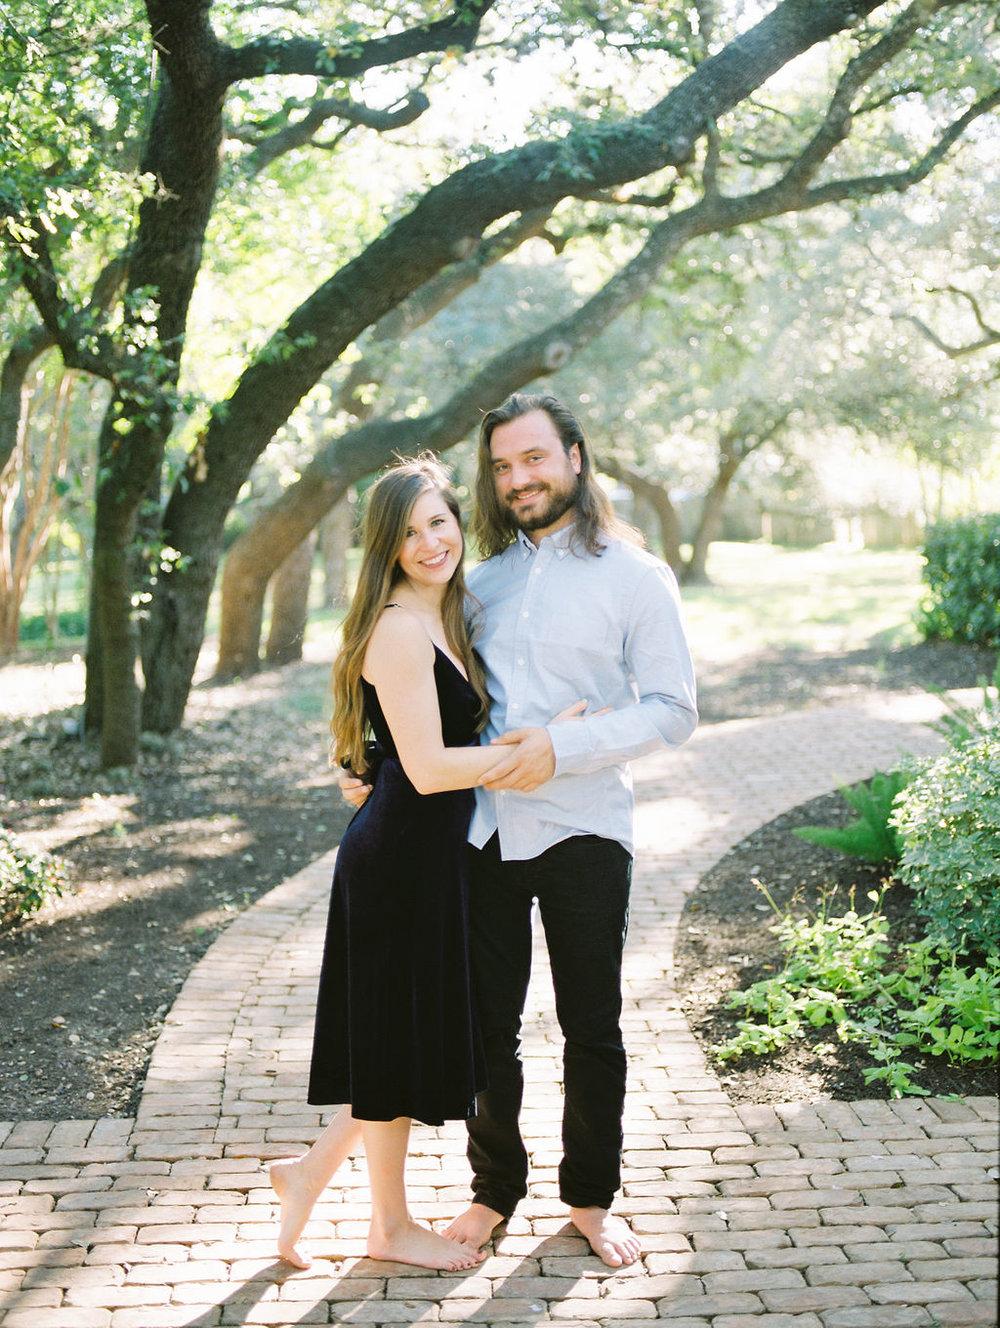 Austin-Film-Wedding-Engagement-Photographer-Mattie's-Green-Pastures-15.jpg